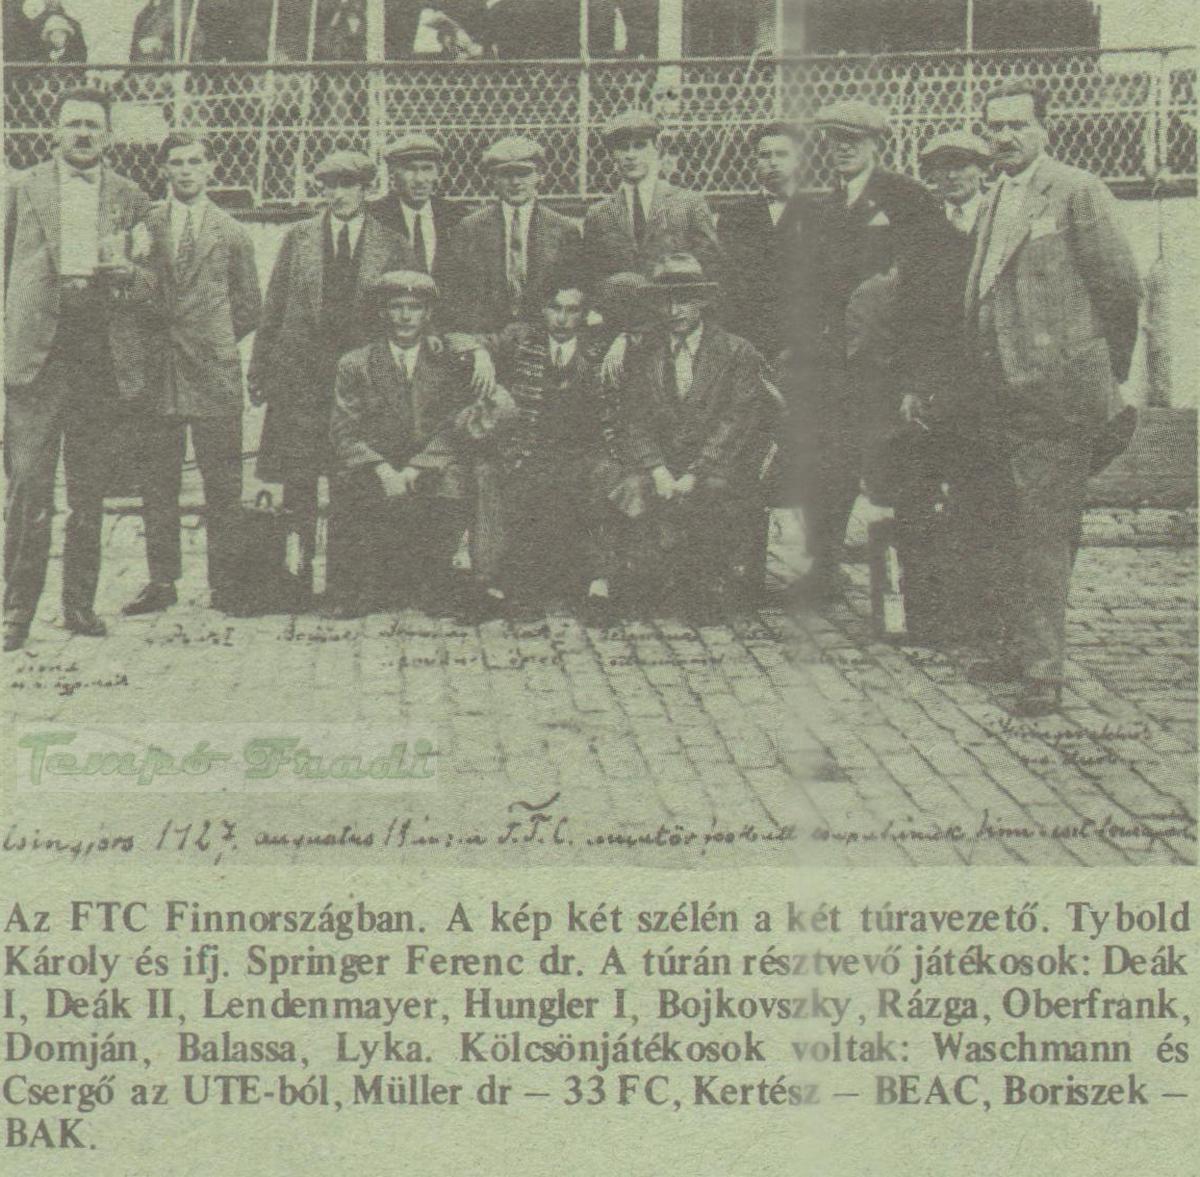 TFU_19890912_Fml_000 - 0005-4